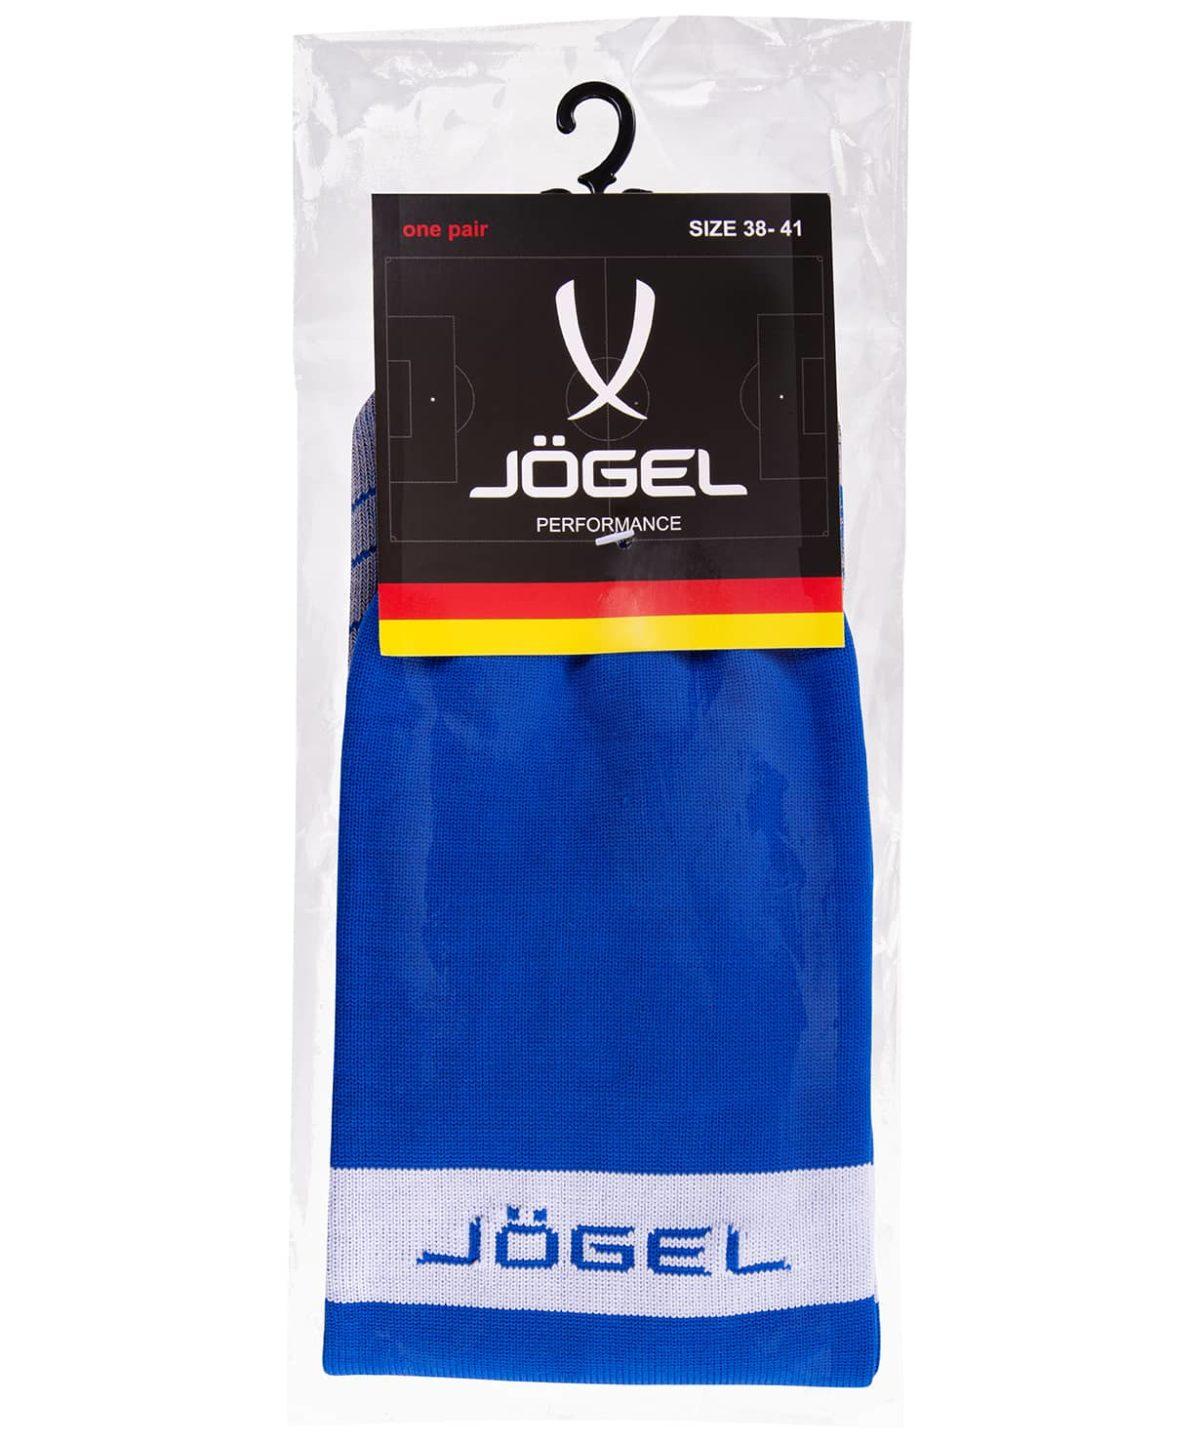 JOGEL Гетры футбольные, синий/белый  JA-003 - 3